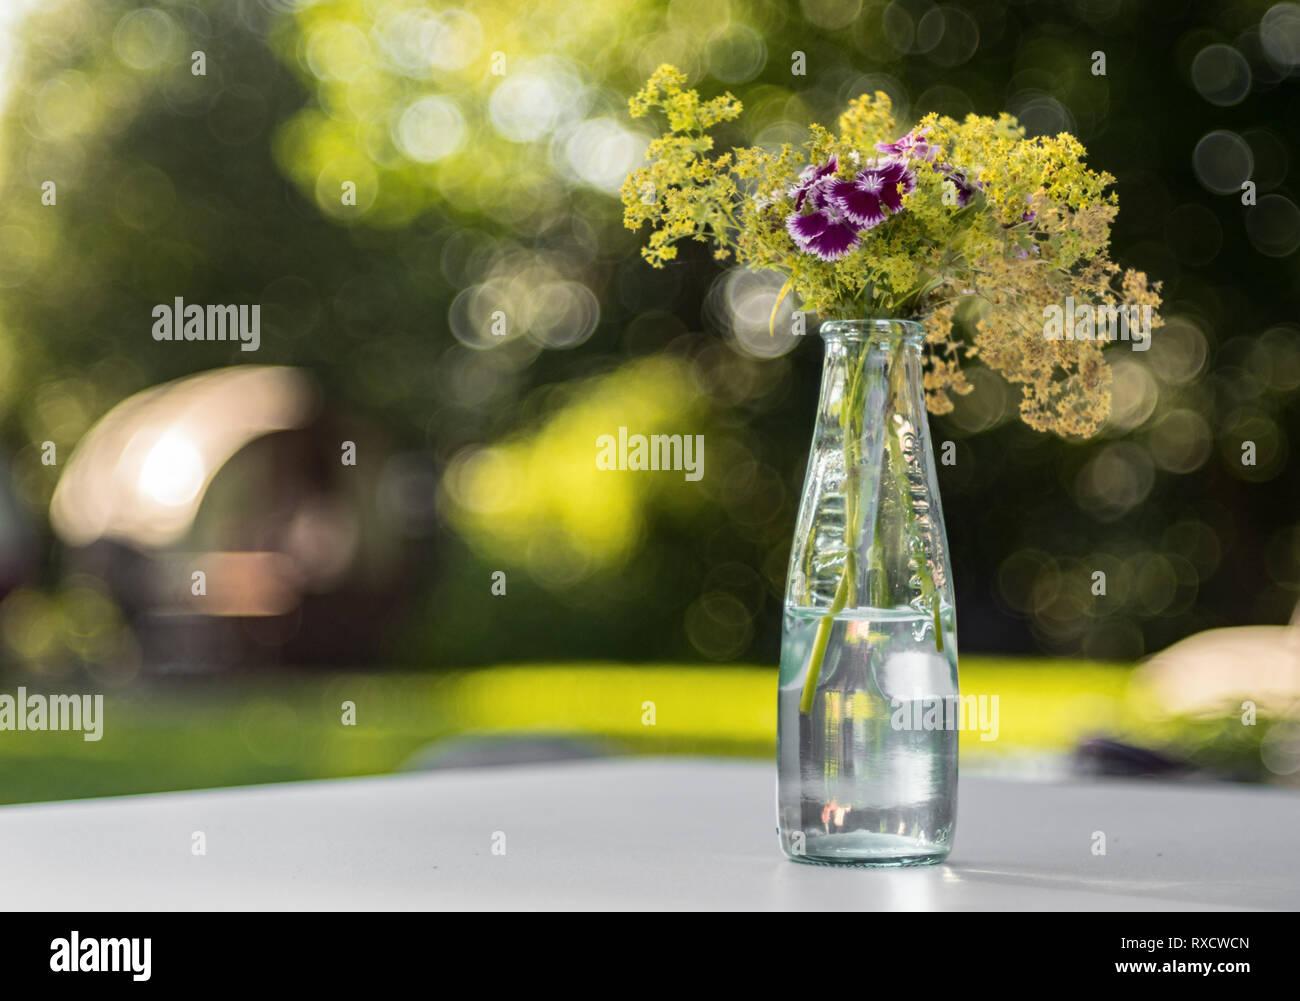 Blumengesteck in einer Glasflasche. Lila Blumen - Stock Image